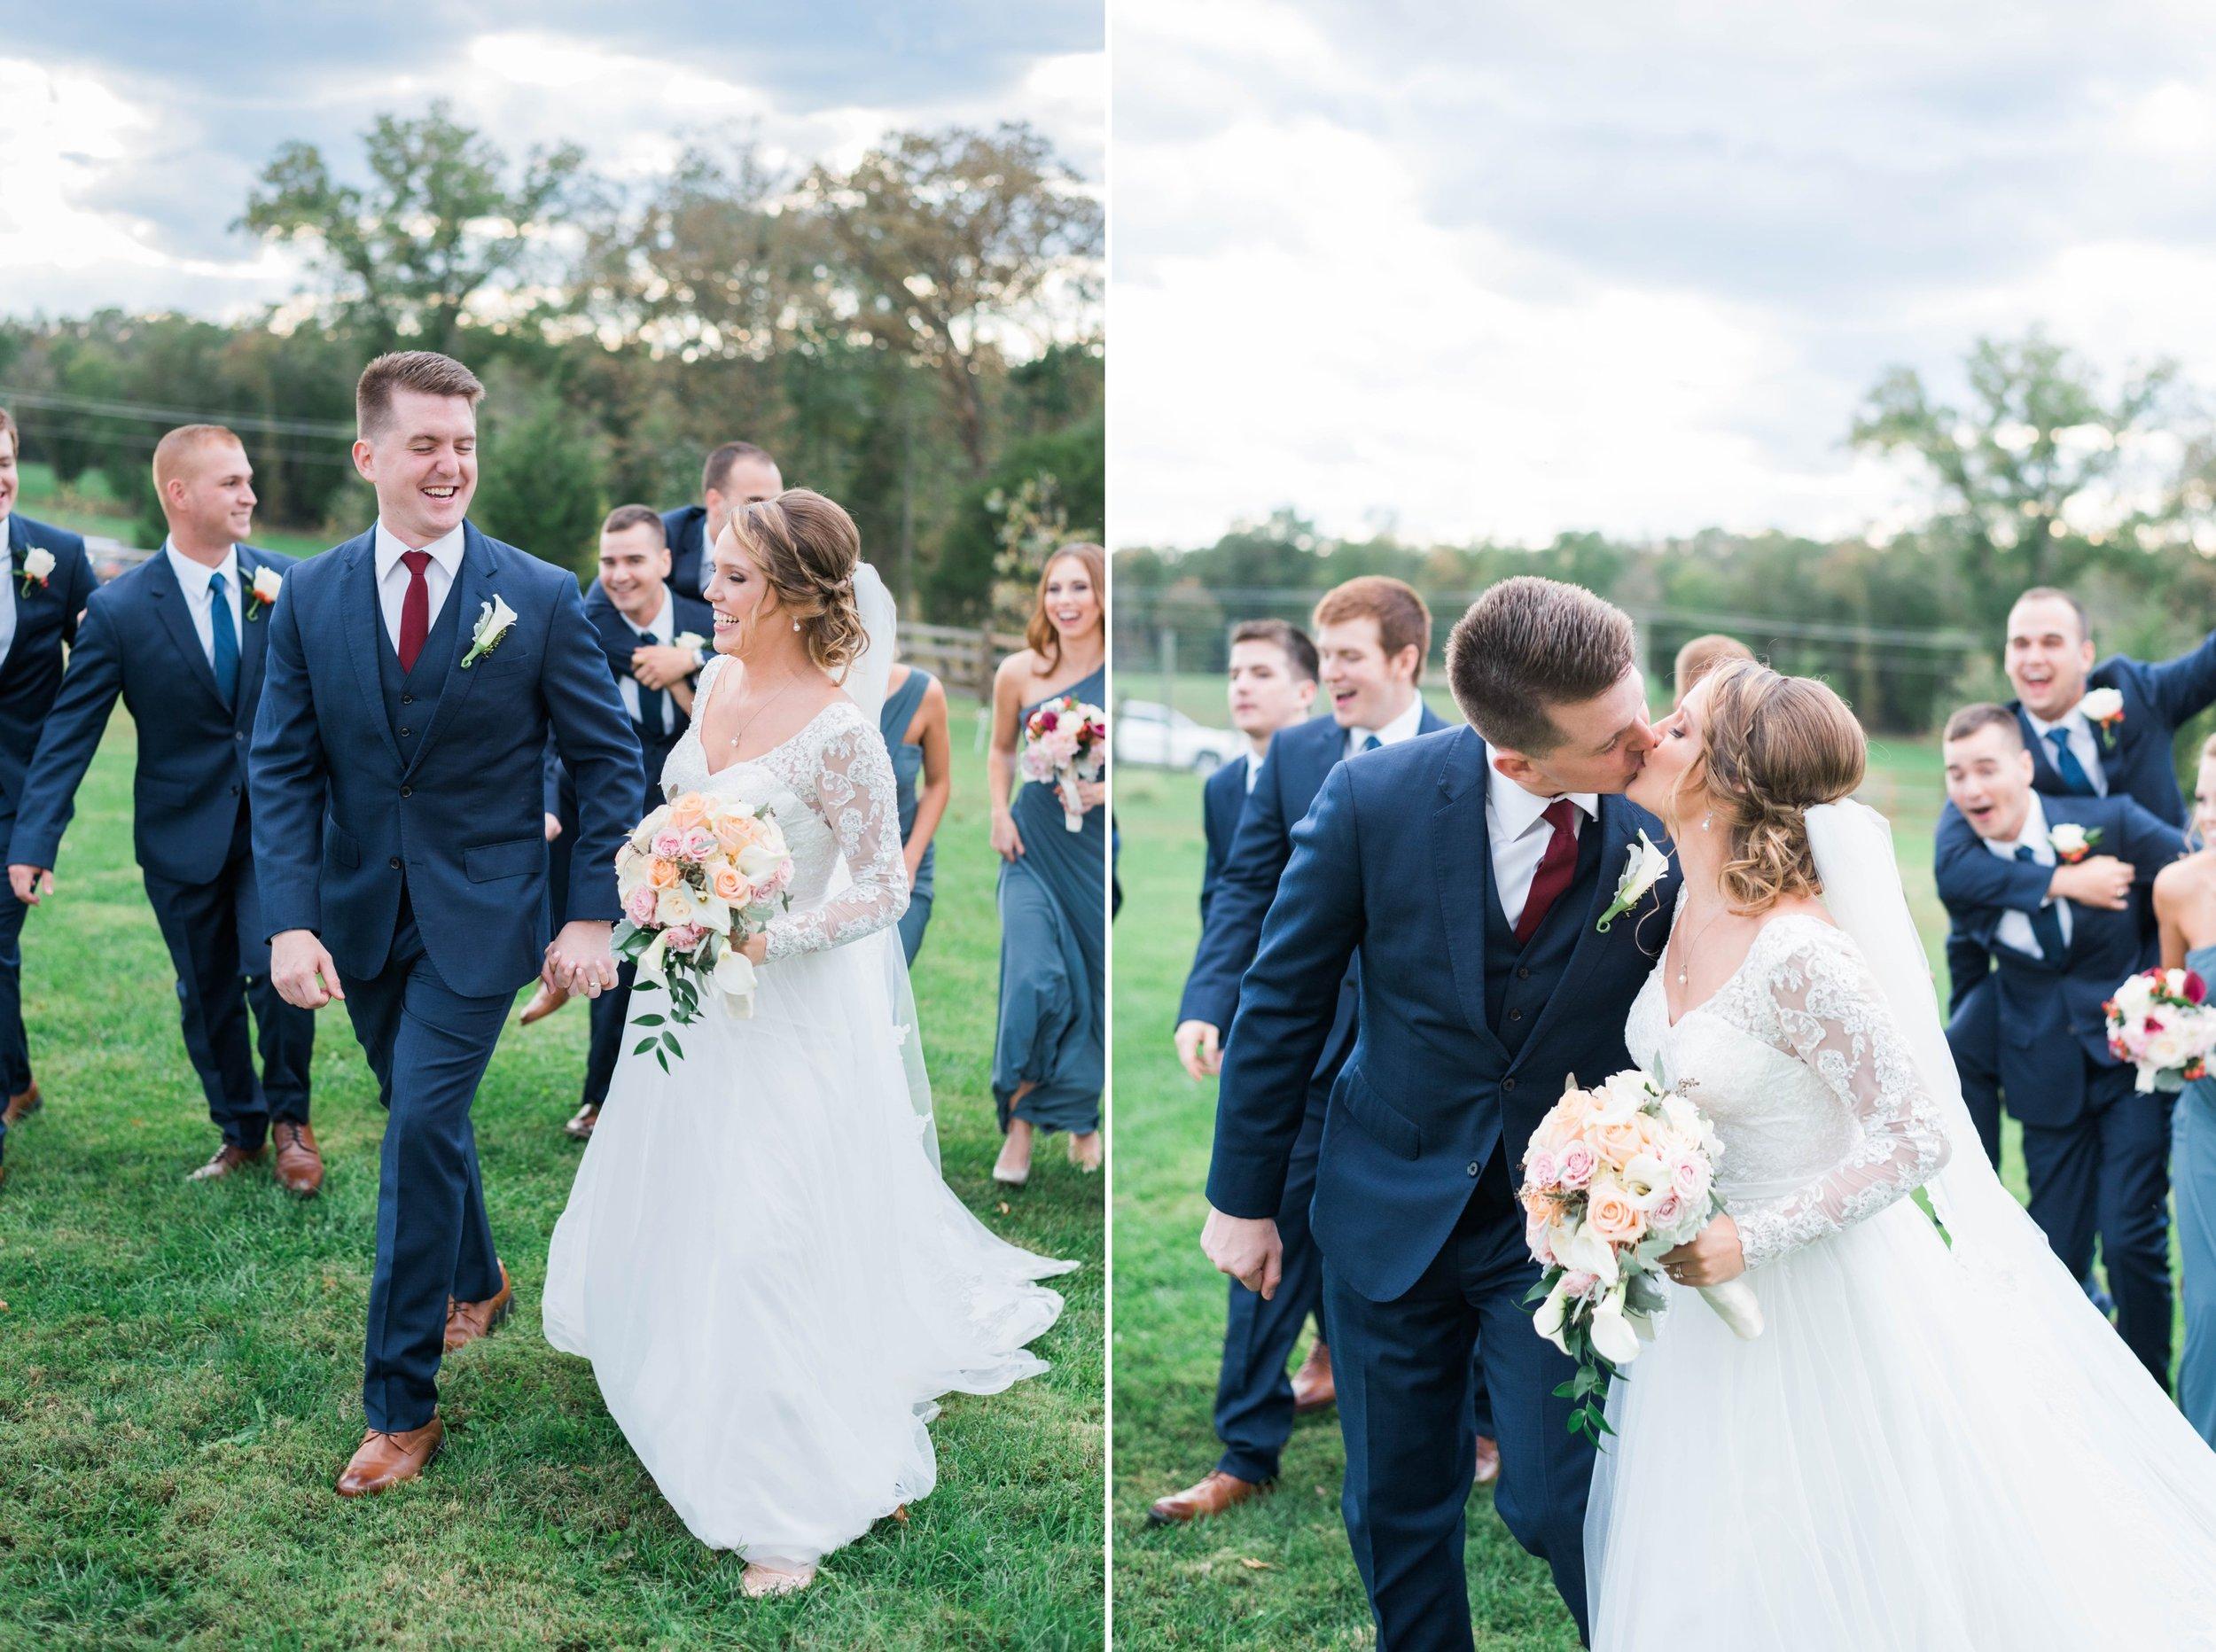 GrantElizabeth_wineryatbullrun_DCwedding_Virginiaweddingphotographer 49.jpg